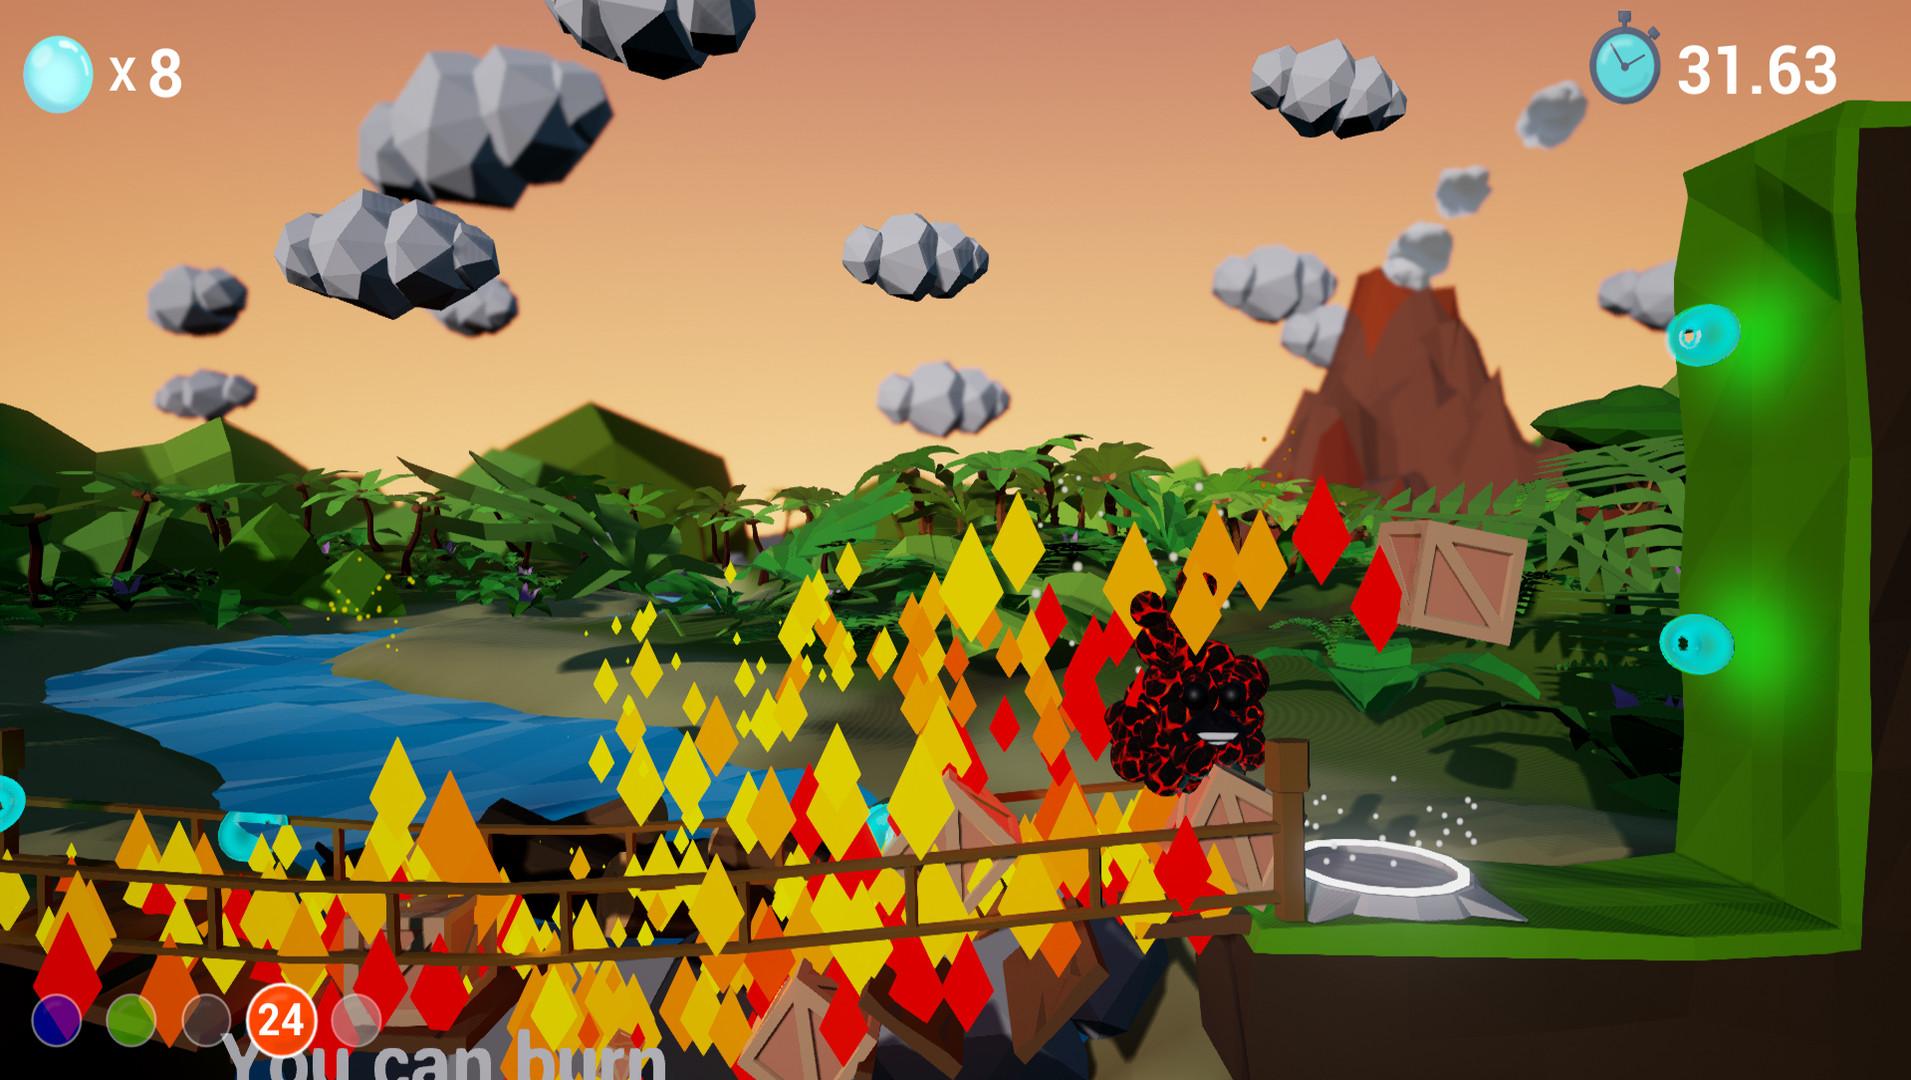 com.steam.666260-screenshot